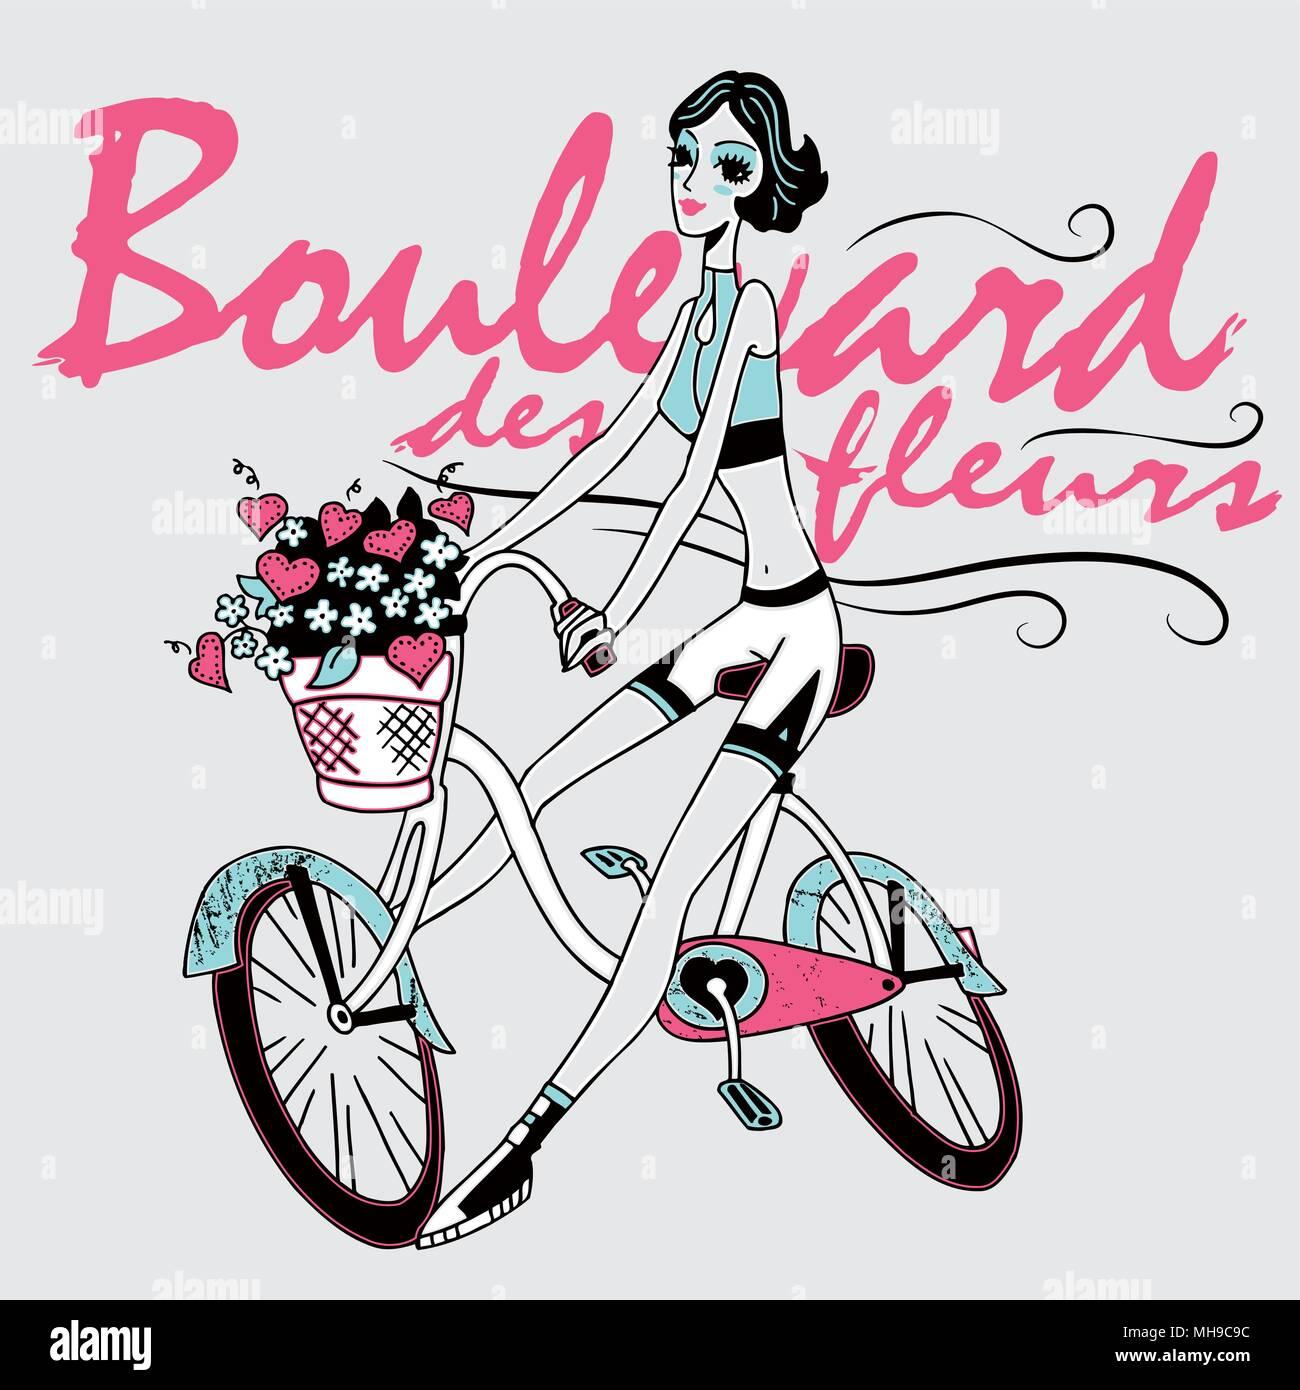 Ragazza Bicicletta Equitazione Fiori E Cuori Nel Cestello Moderno